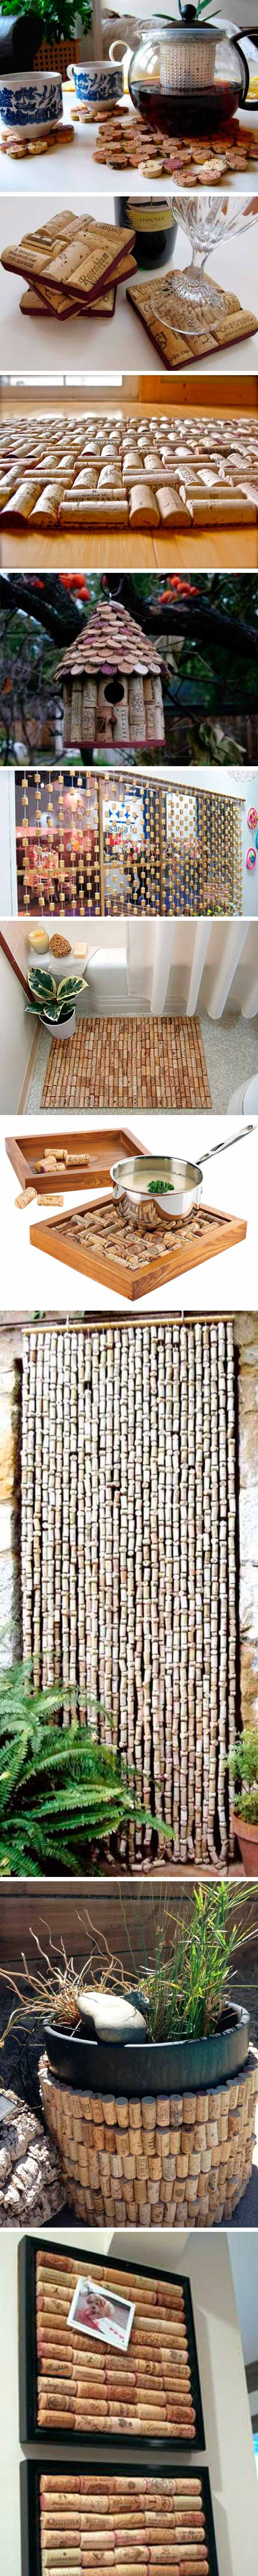 reciclar tapones de corcho - hogar 1